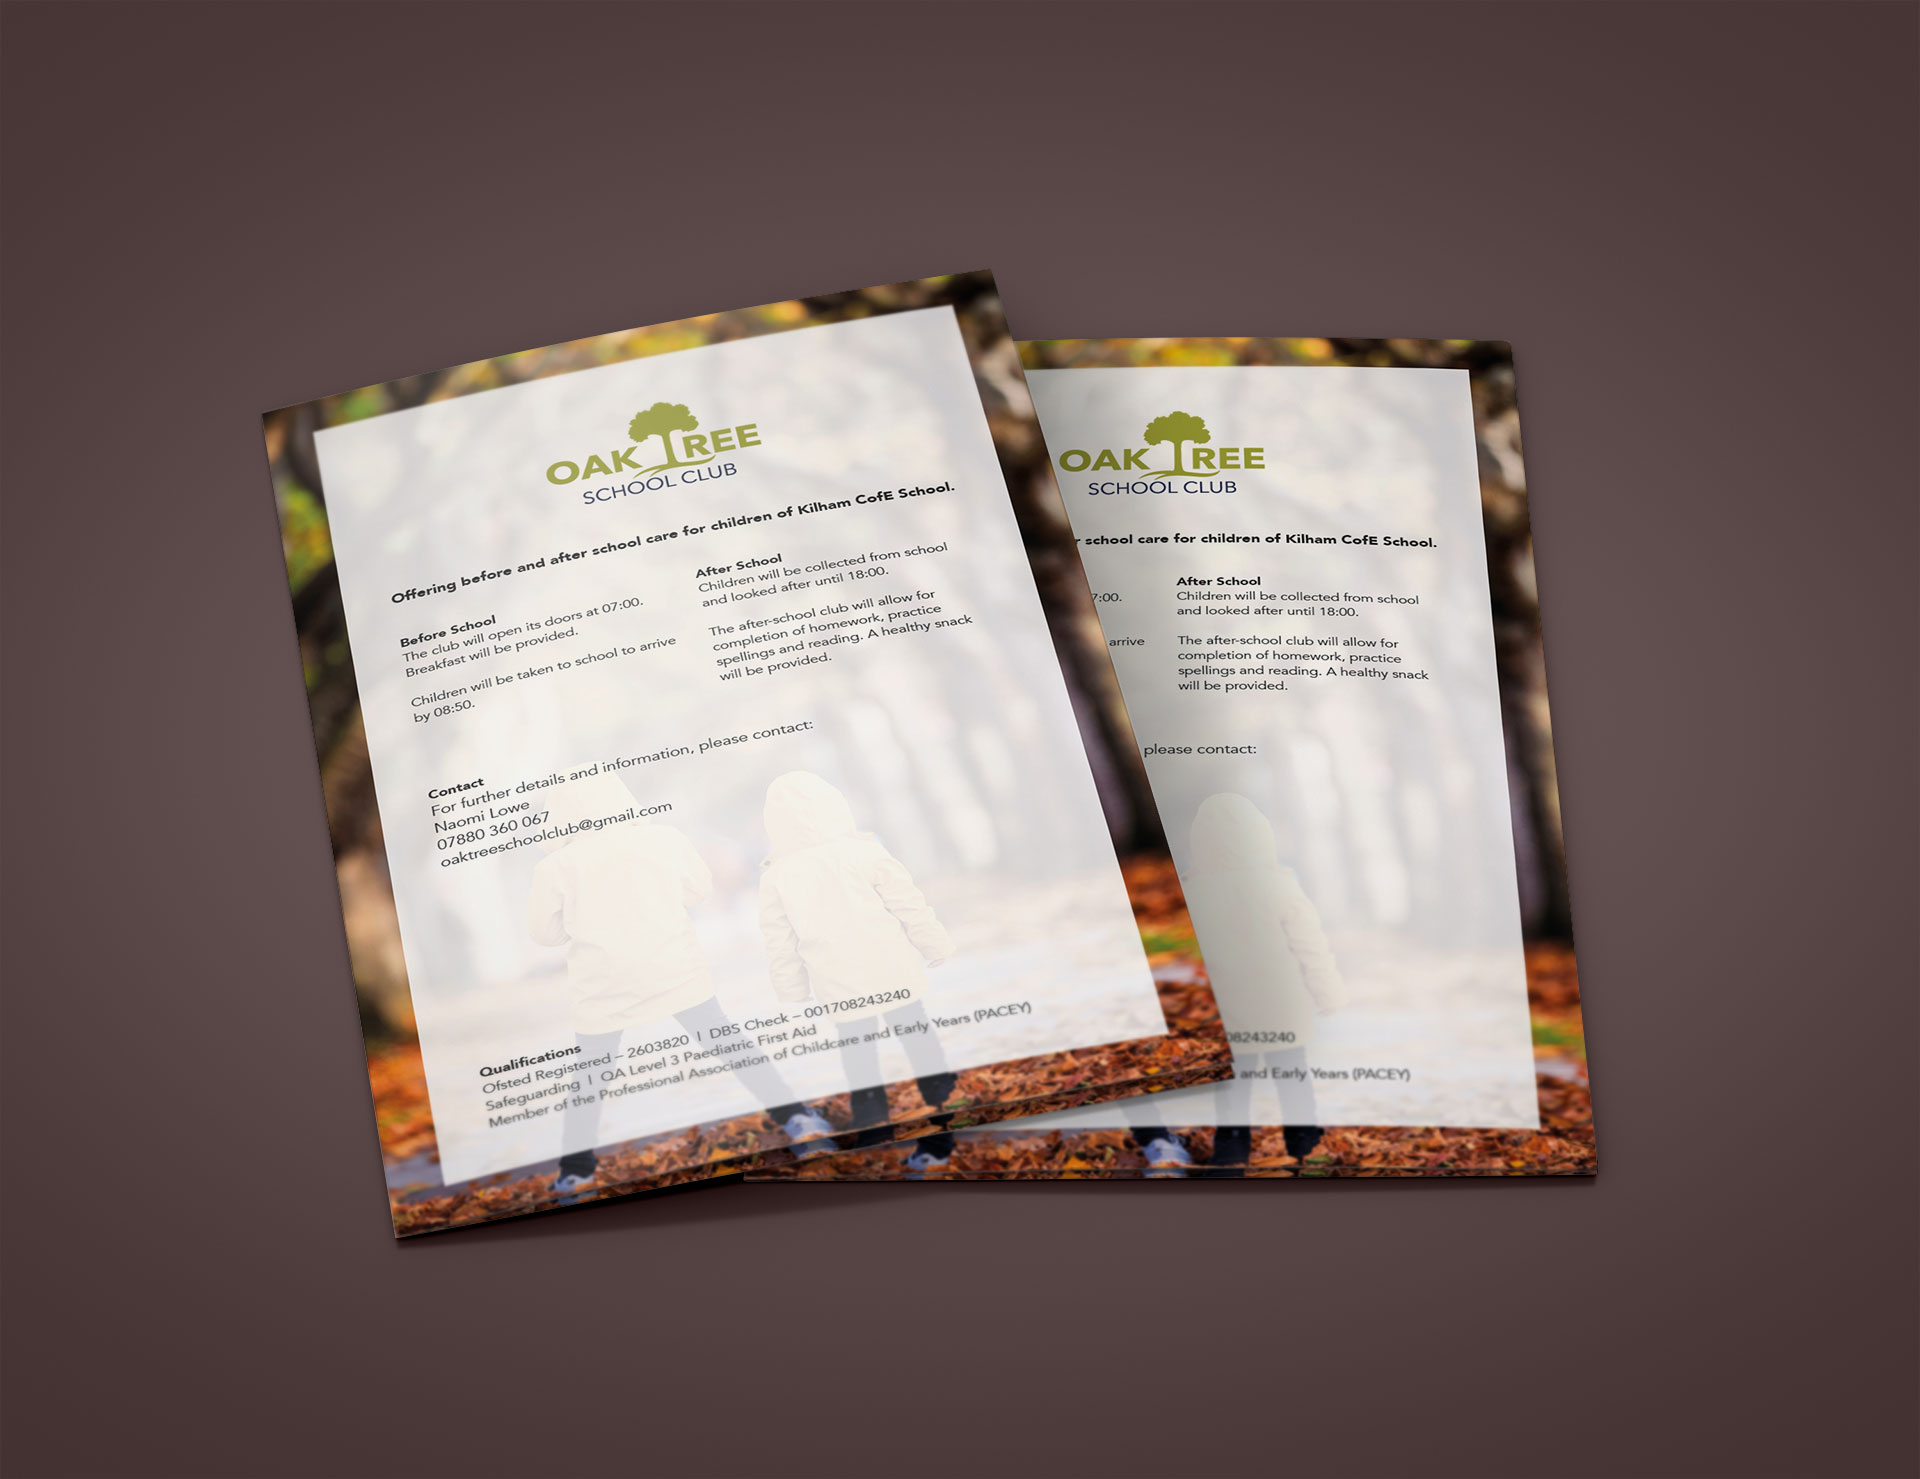 Oak Tree School Club Flyer Details